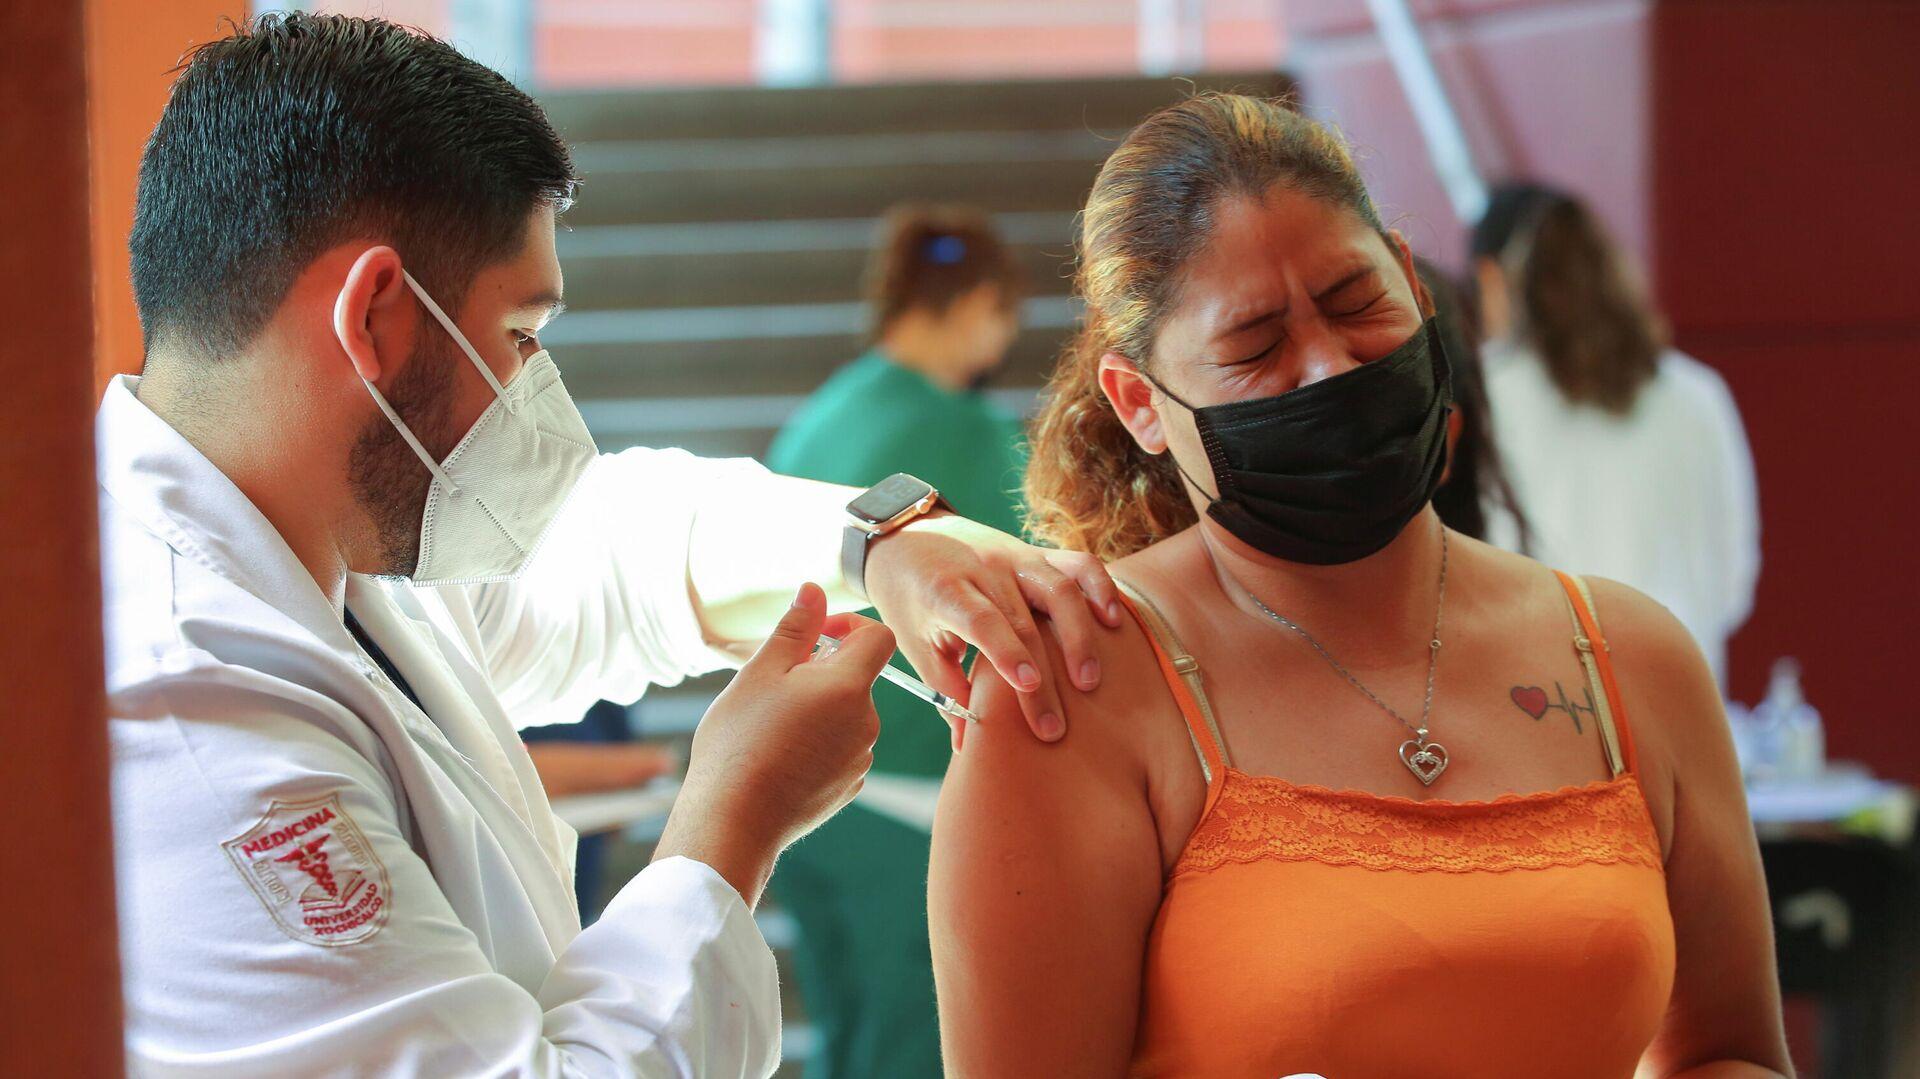 Vacunación contra el coronavirus en la frontera México-EEUU - Sputnik Mundo, 1920, 03.08.2021